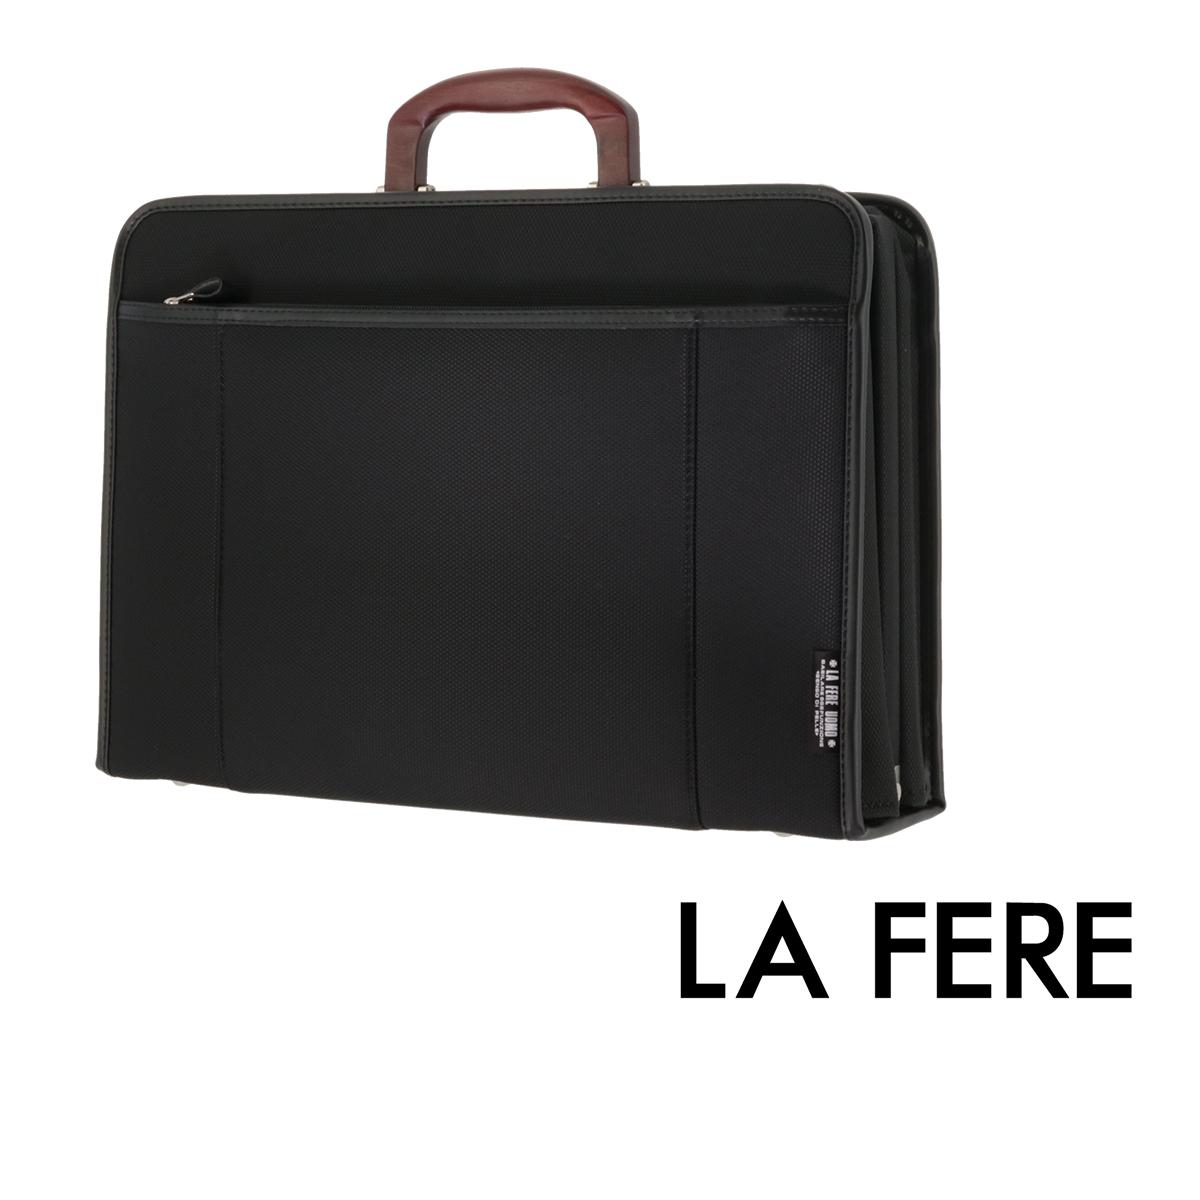 青木鞄 ラフェール ブリーフケース オプス 6728   LA FERE ビジネスバッグ メンズ 日本製 ナイロン[PO10][bef]